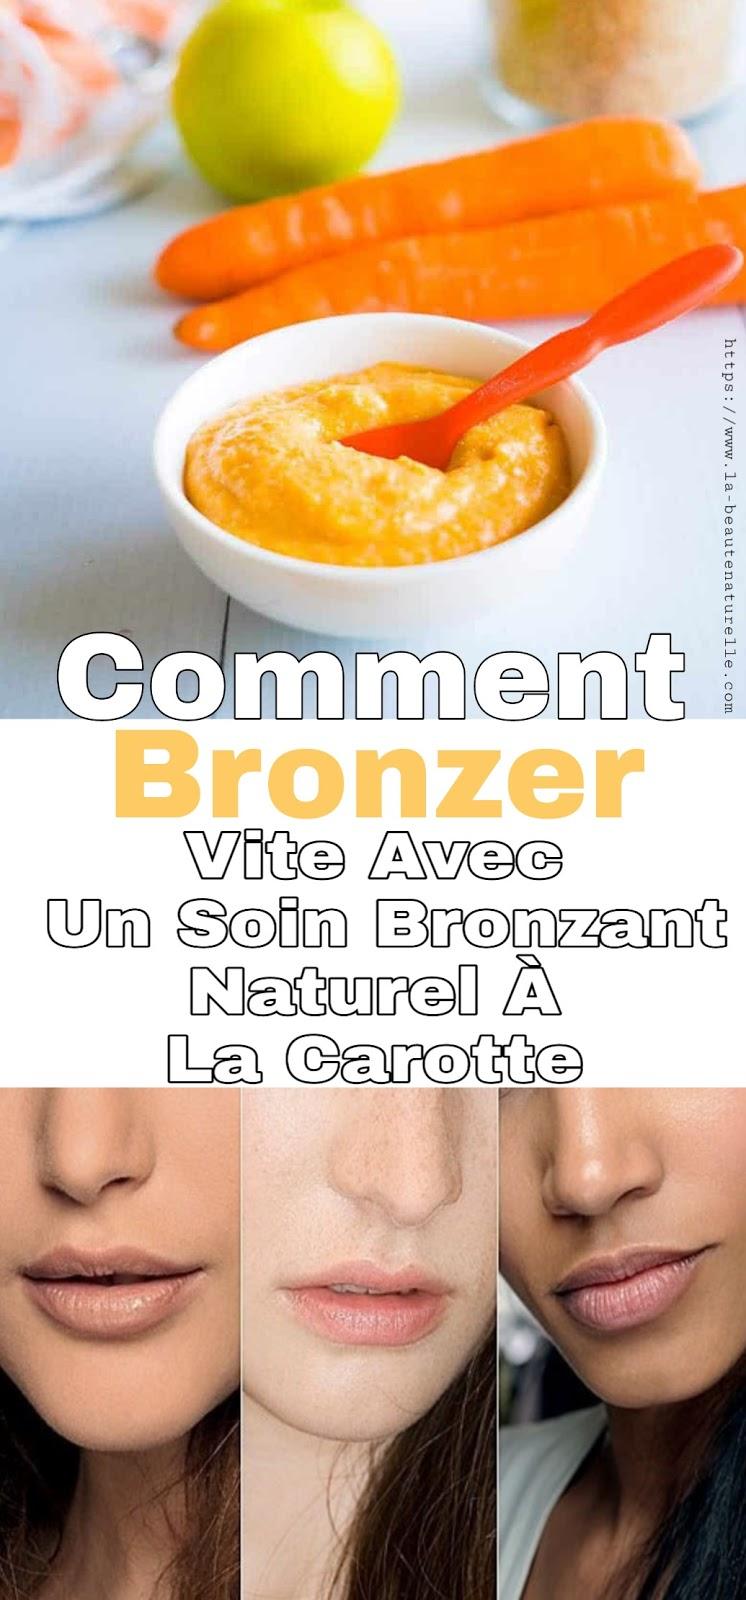 Comment Bronzer Vite Avec Un Soin Bronzant Naturel À La Carotte